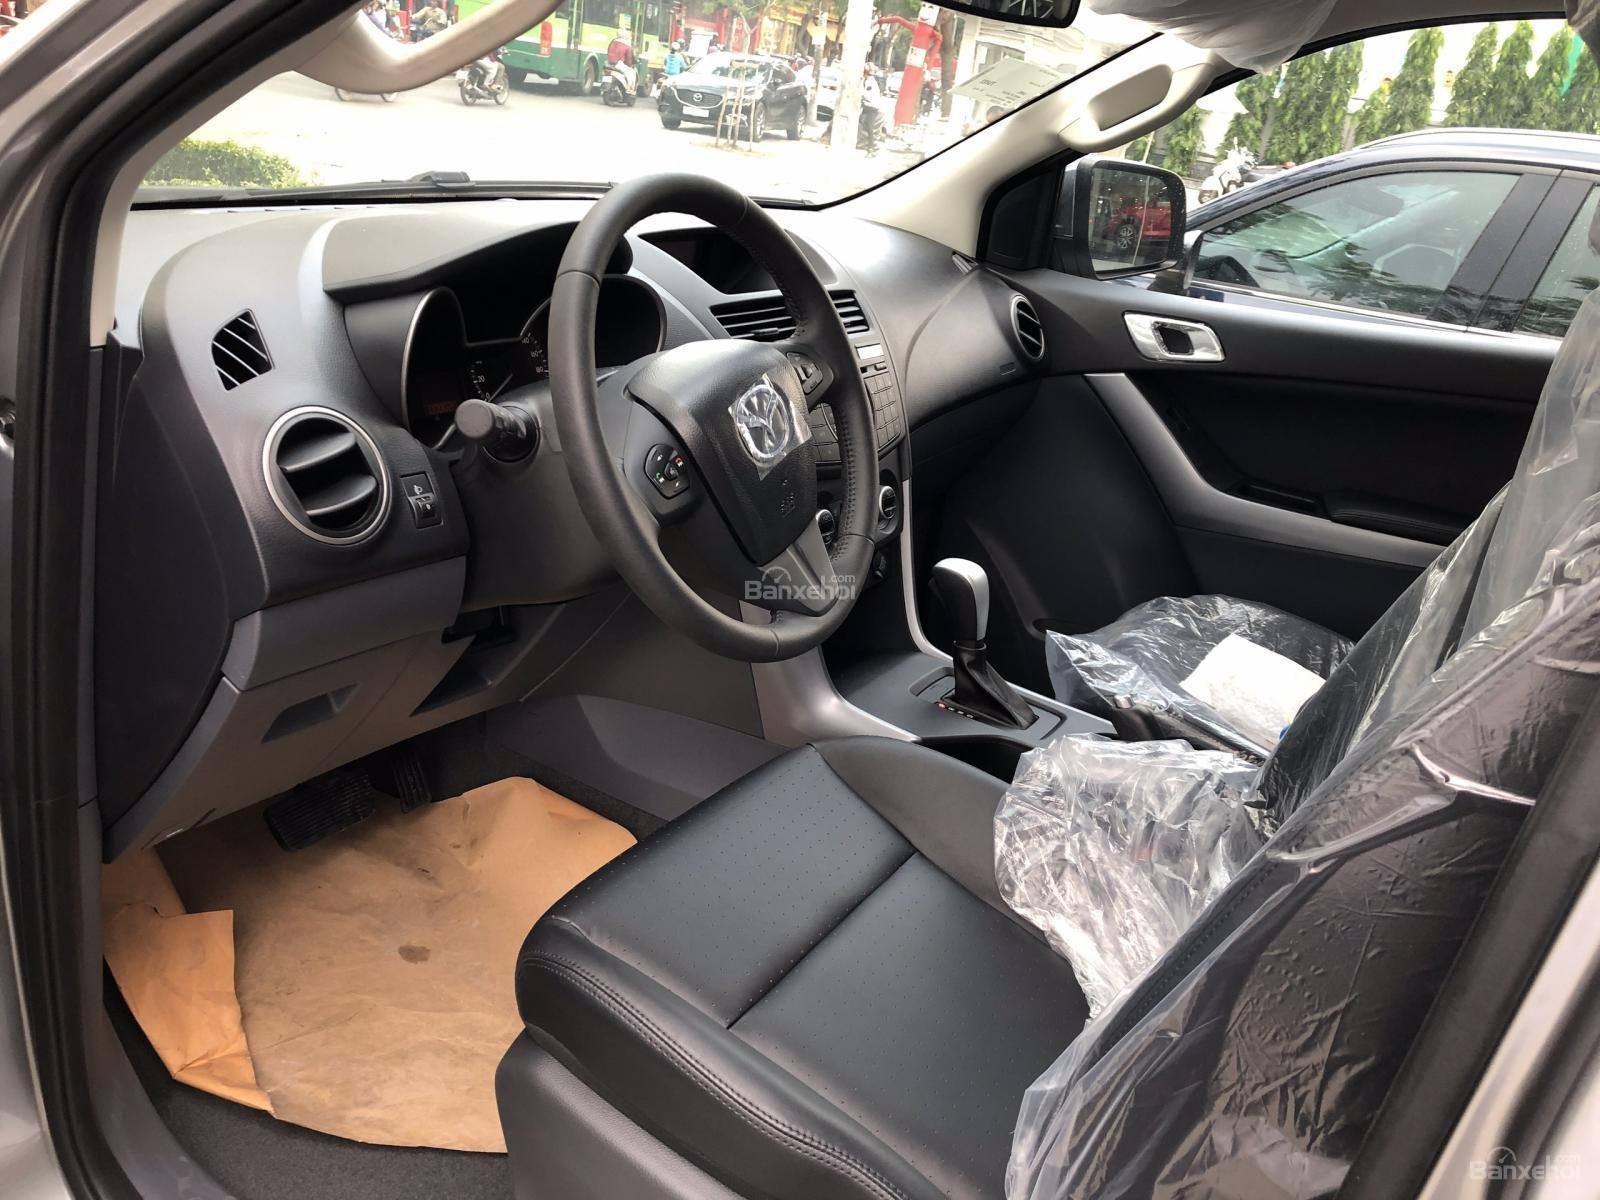 Mazda BT 50 2.2 ATH 2019 full option [giảm 25 triệu] gọi ngay 0941322979 Mazda Bình Triệu-3